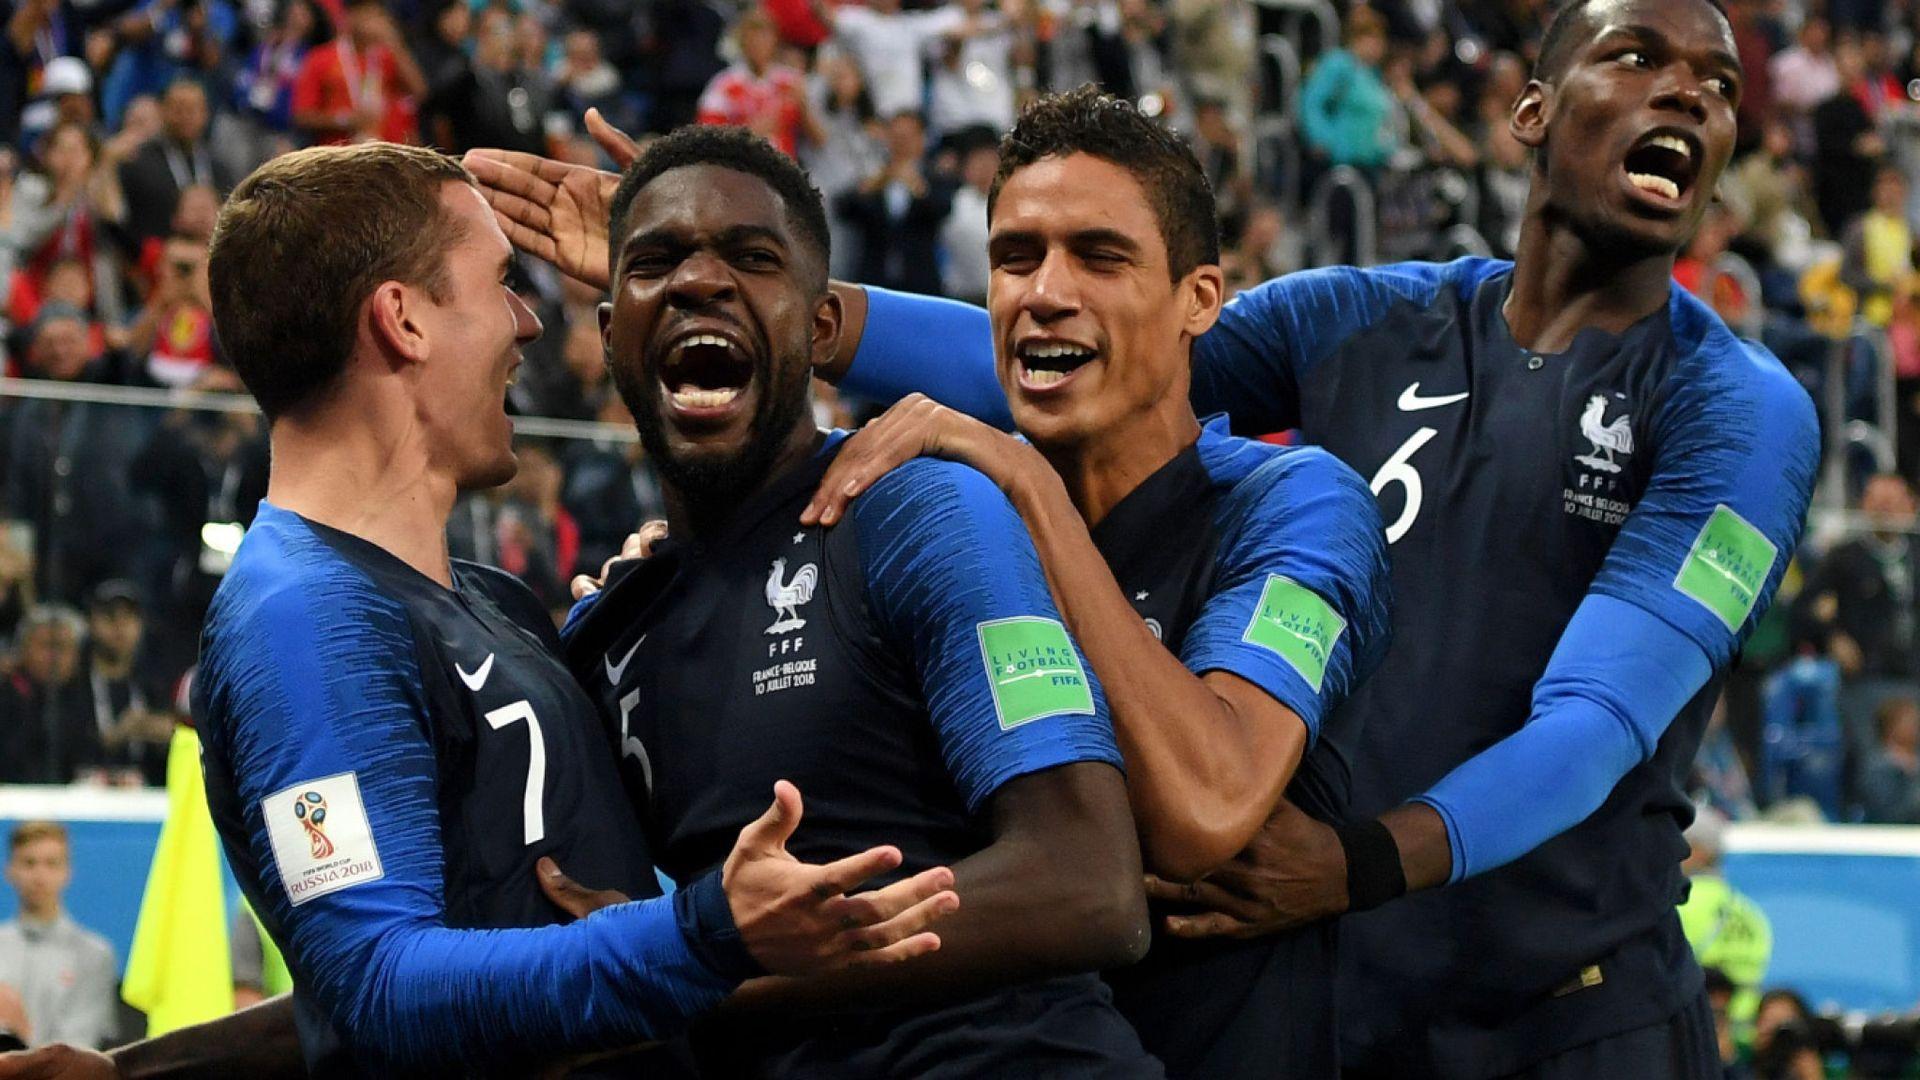 """法国vs克罗地亚:决赛之战打响 克罗地亚有复仇心但""""无力"""""""